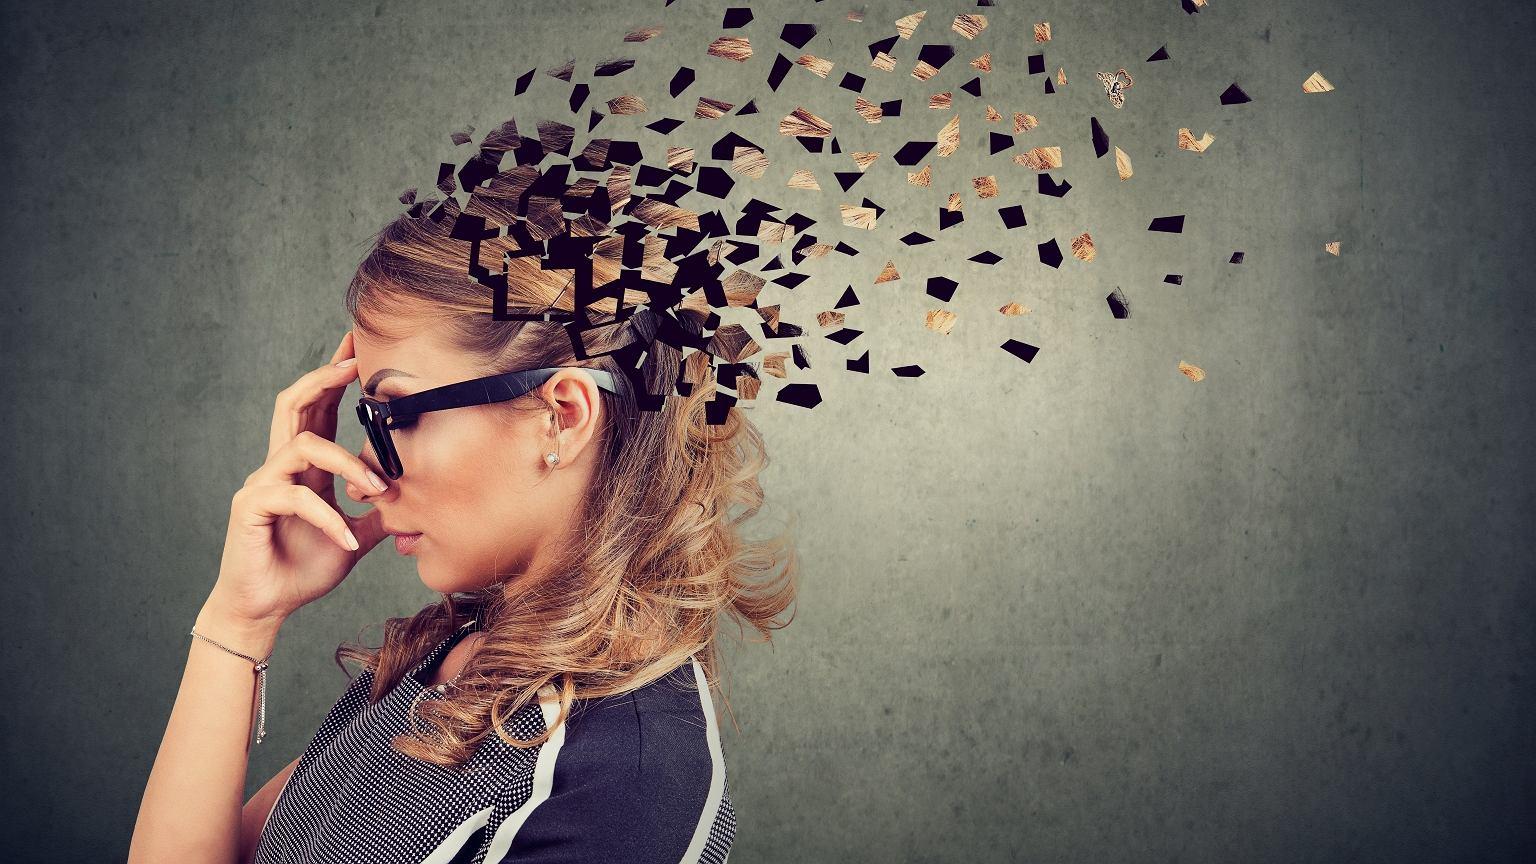 Mózg potrafi błędnie rozróżniać prawdziwe i wyimaginowane wspomnienia